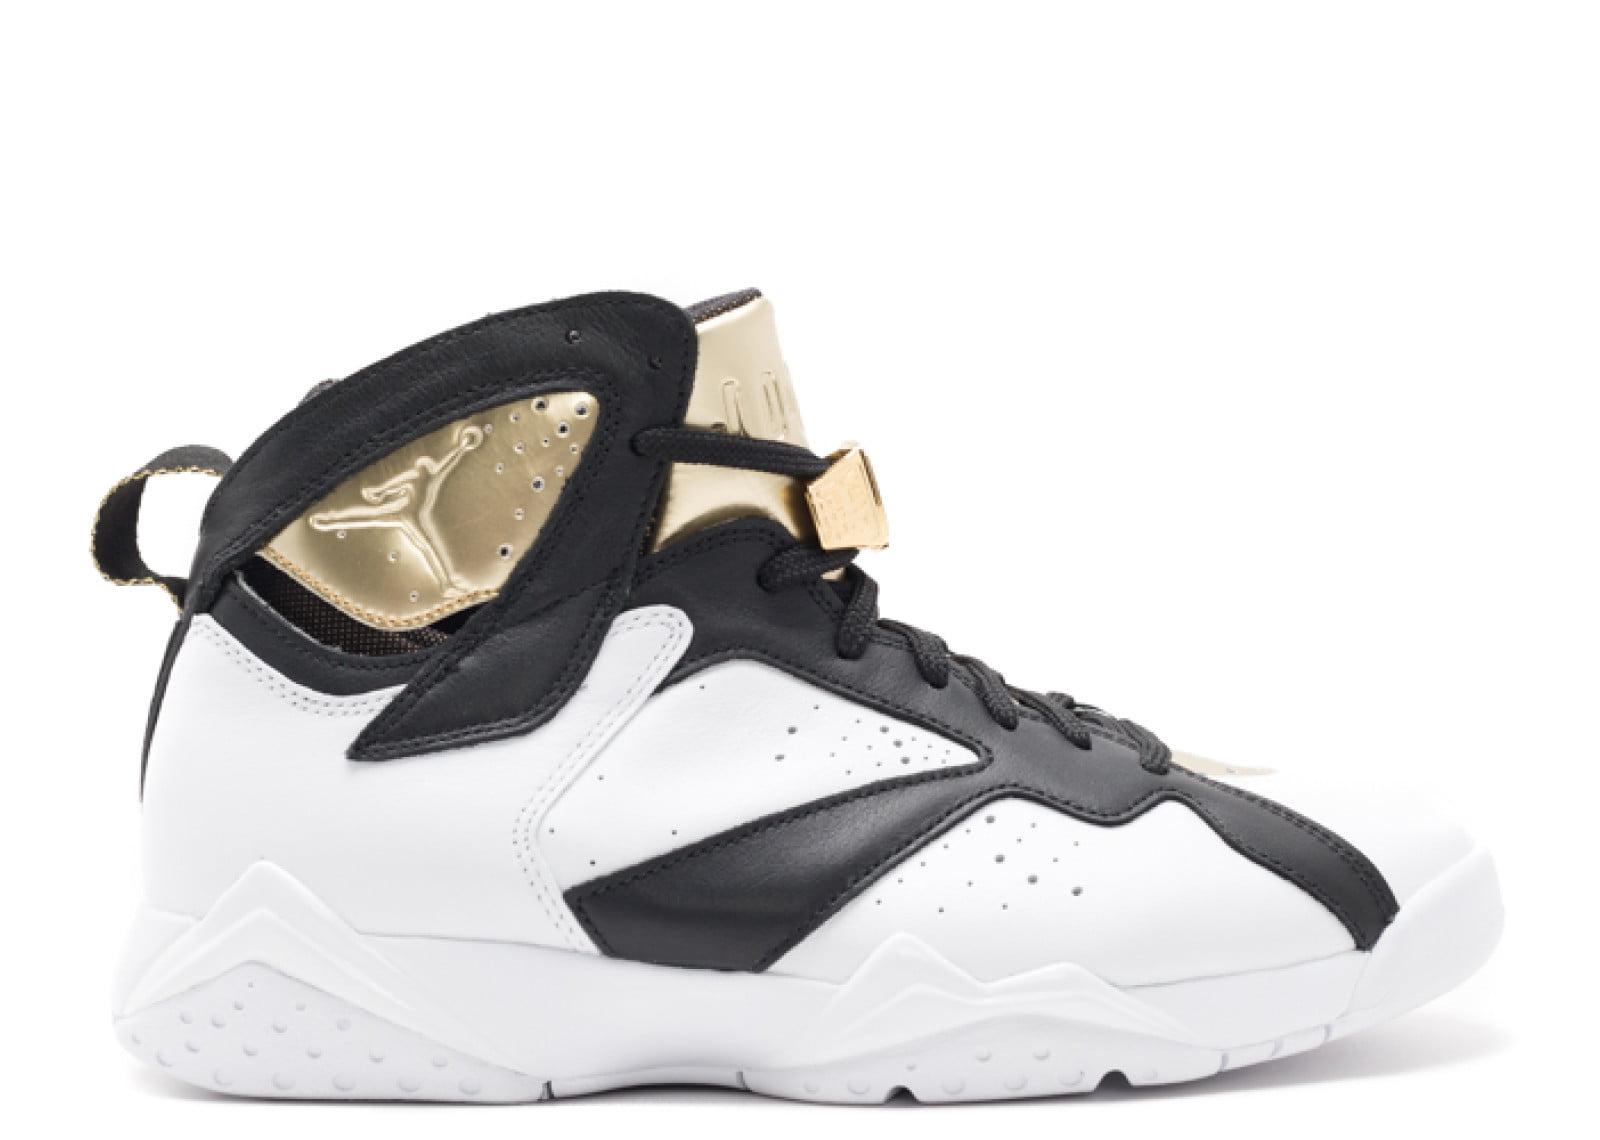 604050bdc1e Air Jordan - Men - Air Jordan 7 Retro C&C 'Champagne' - 725093-140 - Size  10.5